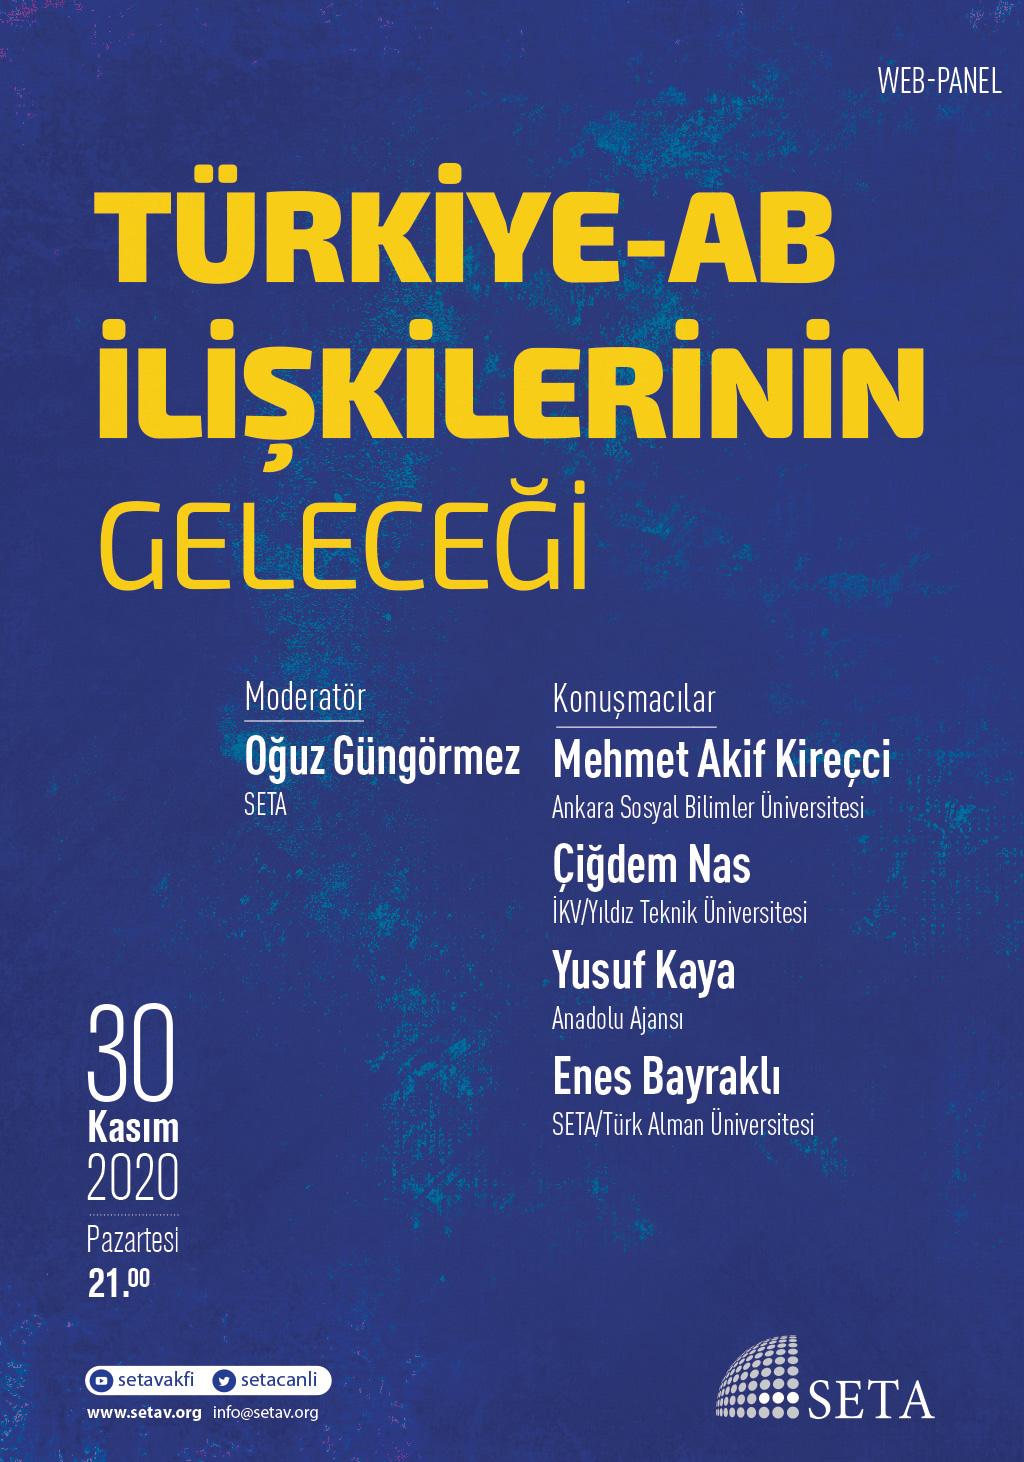 Web-Panel: Türkiye-AB İlişkilerinin Geleceği